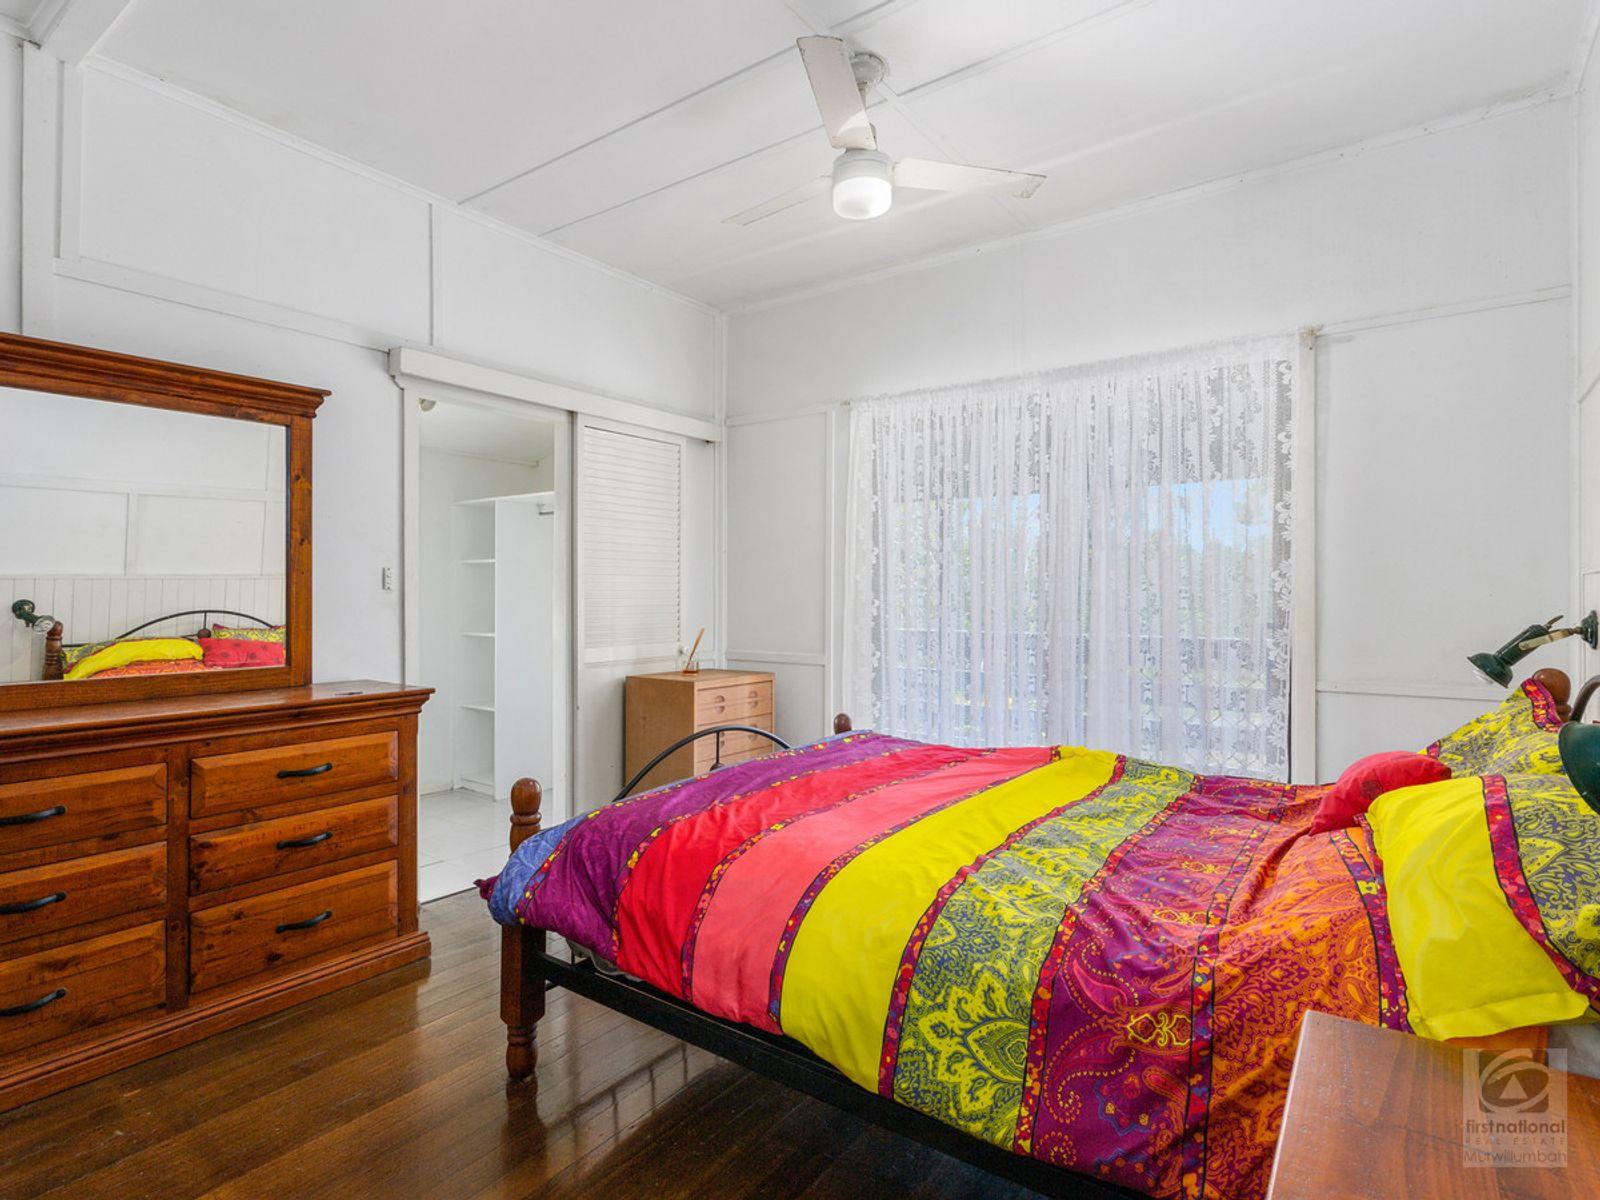 479 Wardrop Valley Road, Wardrop Valley, NSW 2484